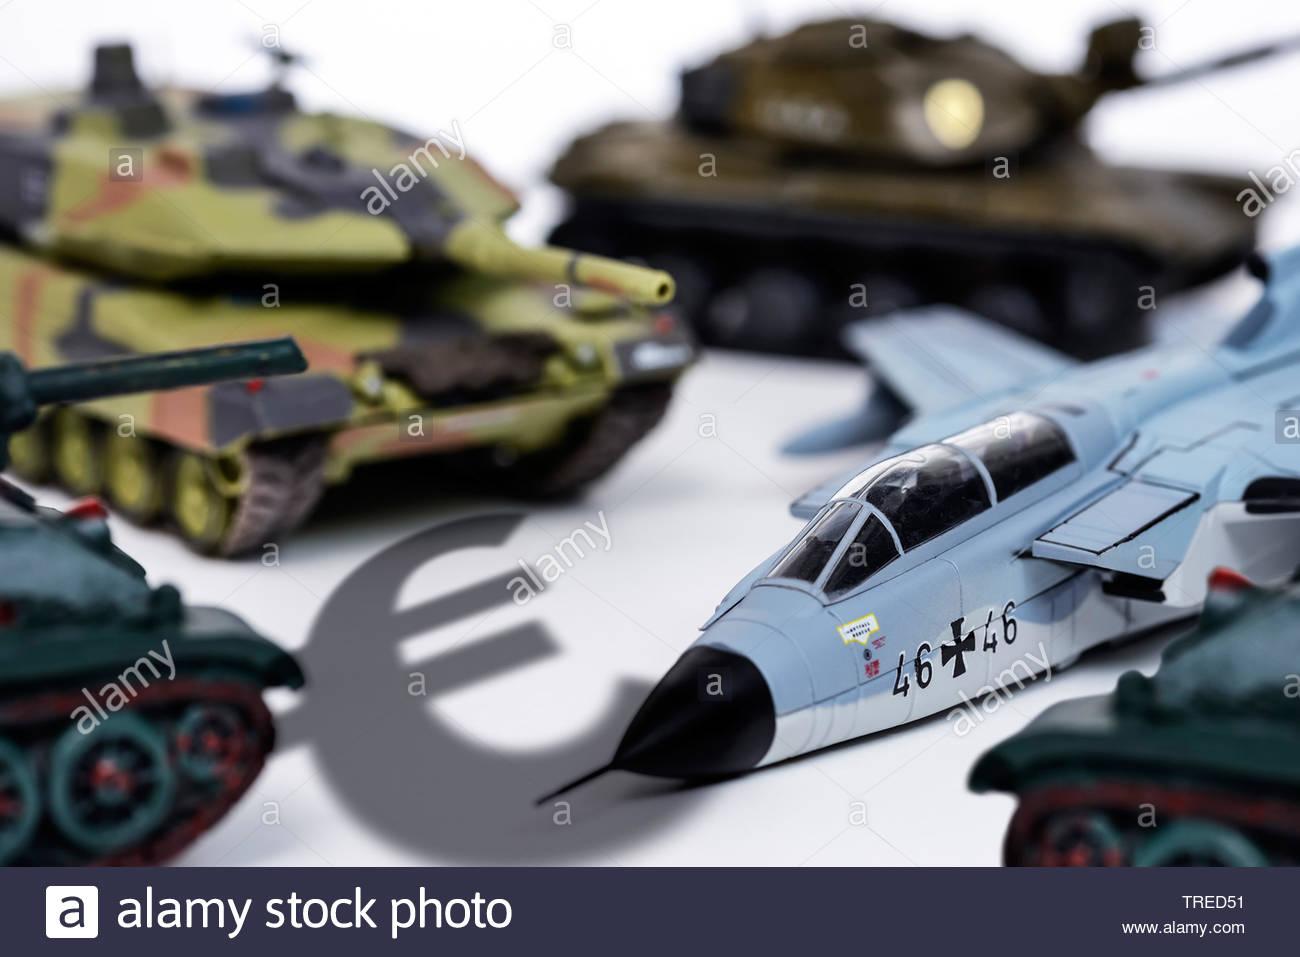 Militaerisches Spielzeug (Panzer und Flugzeuge) und ein Euro-Zeichen - Verteidigungsausgaben   Military toys (tanks and aircrafts) and an Euro sign - - Stock Image